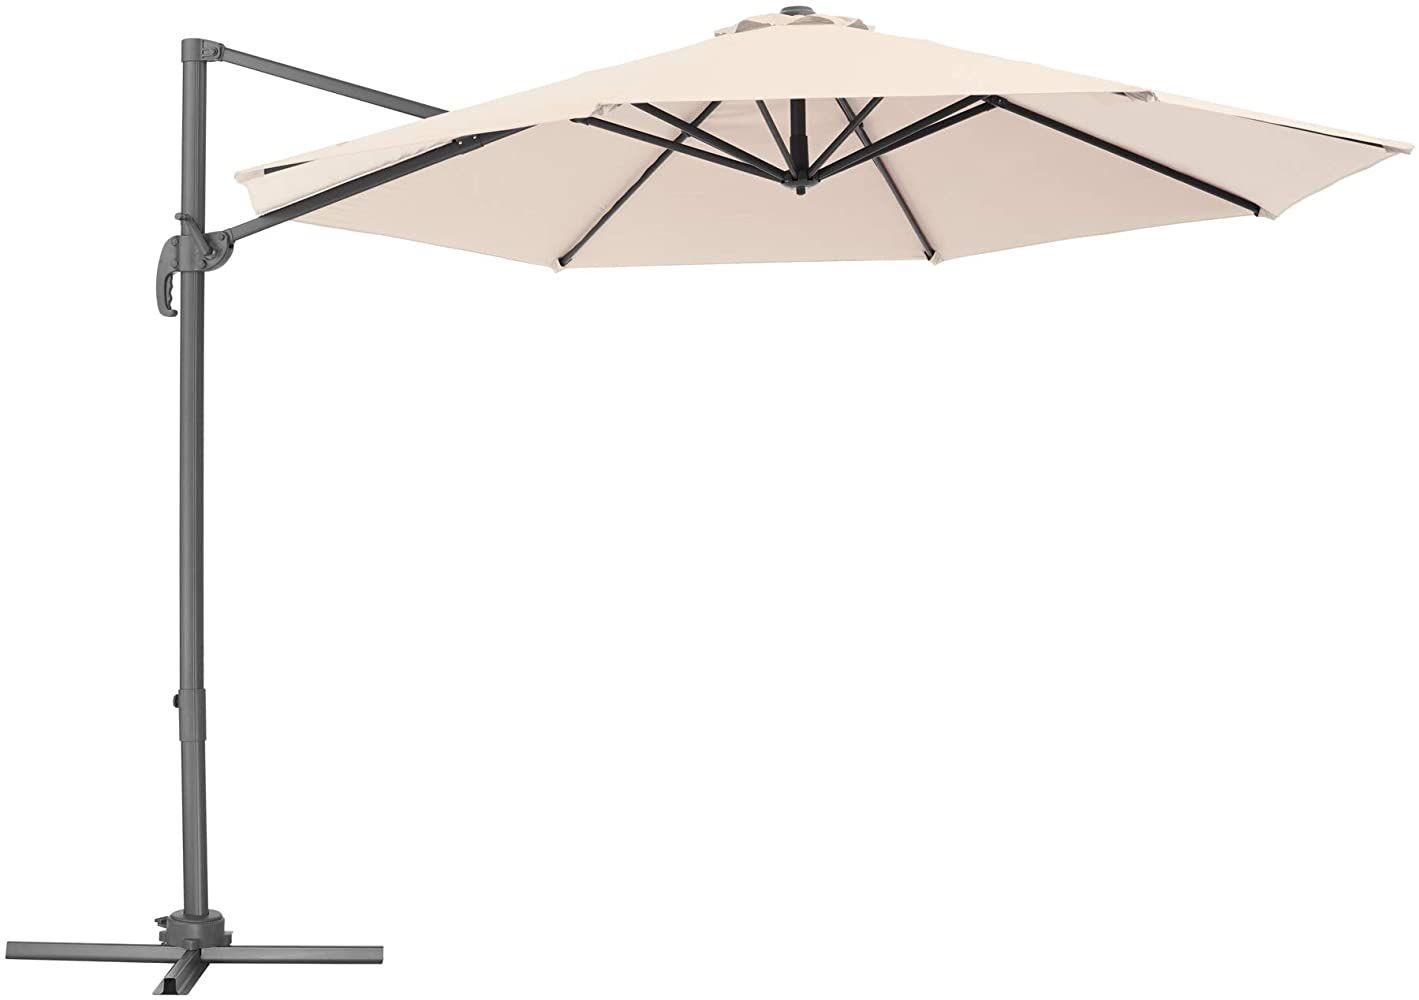 Tectake 800684 Aluminium Garten Sonnenschirm Mit Seitenmast Und